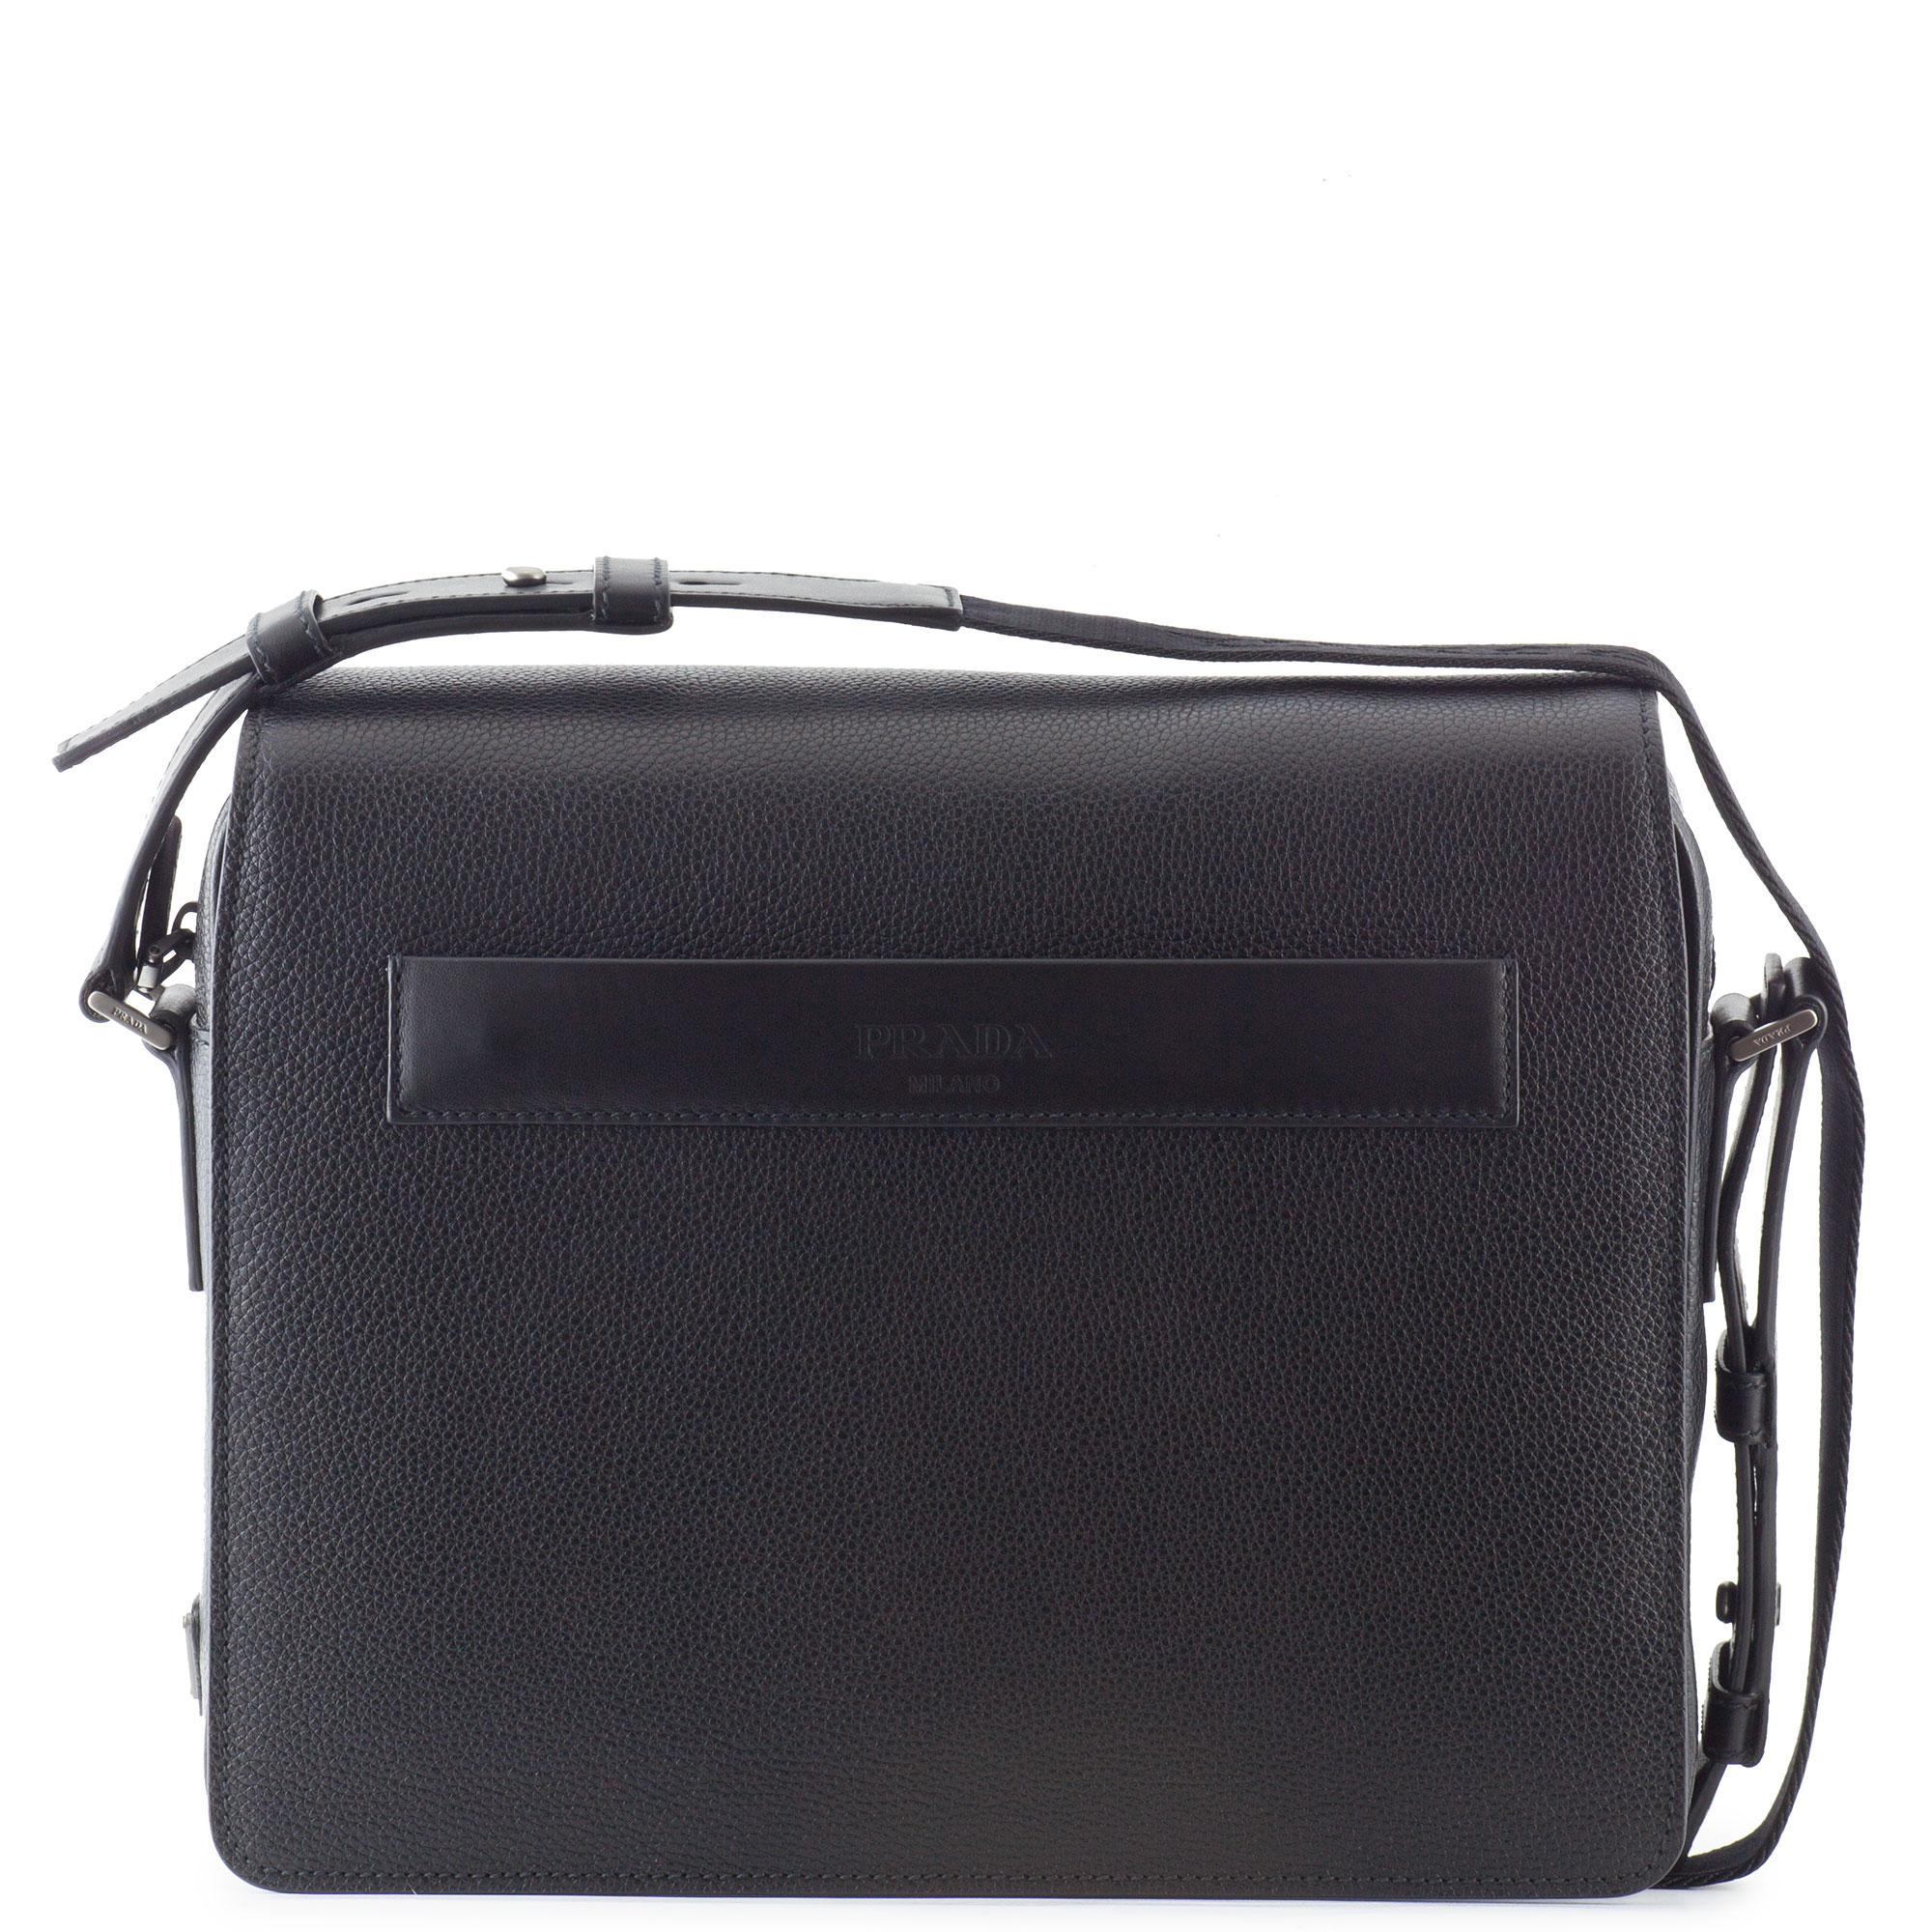 a2fa9a69b86765 Prada Men's Black Leather Shoulder Bag   Stanford Center for ...